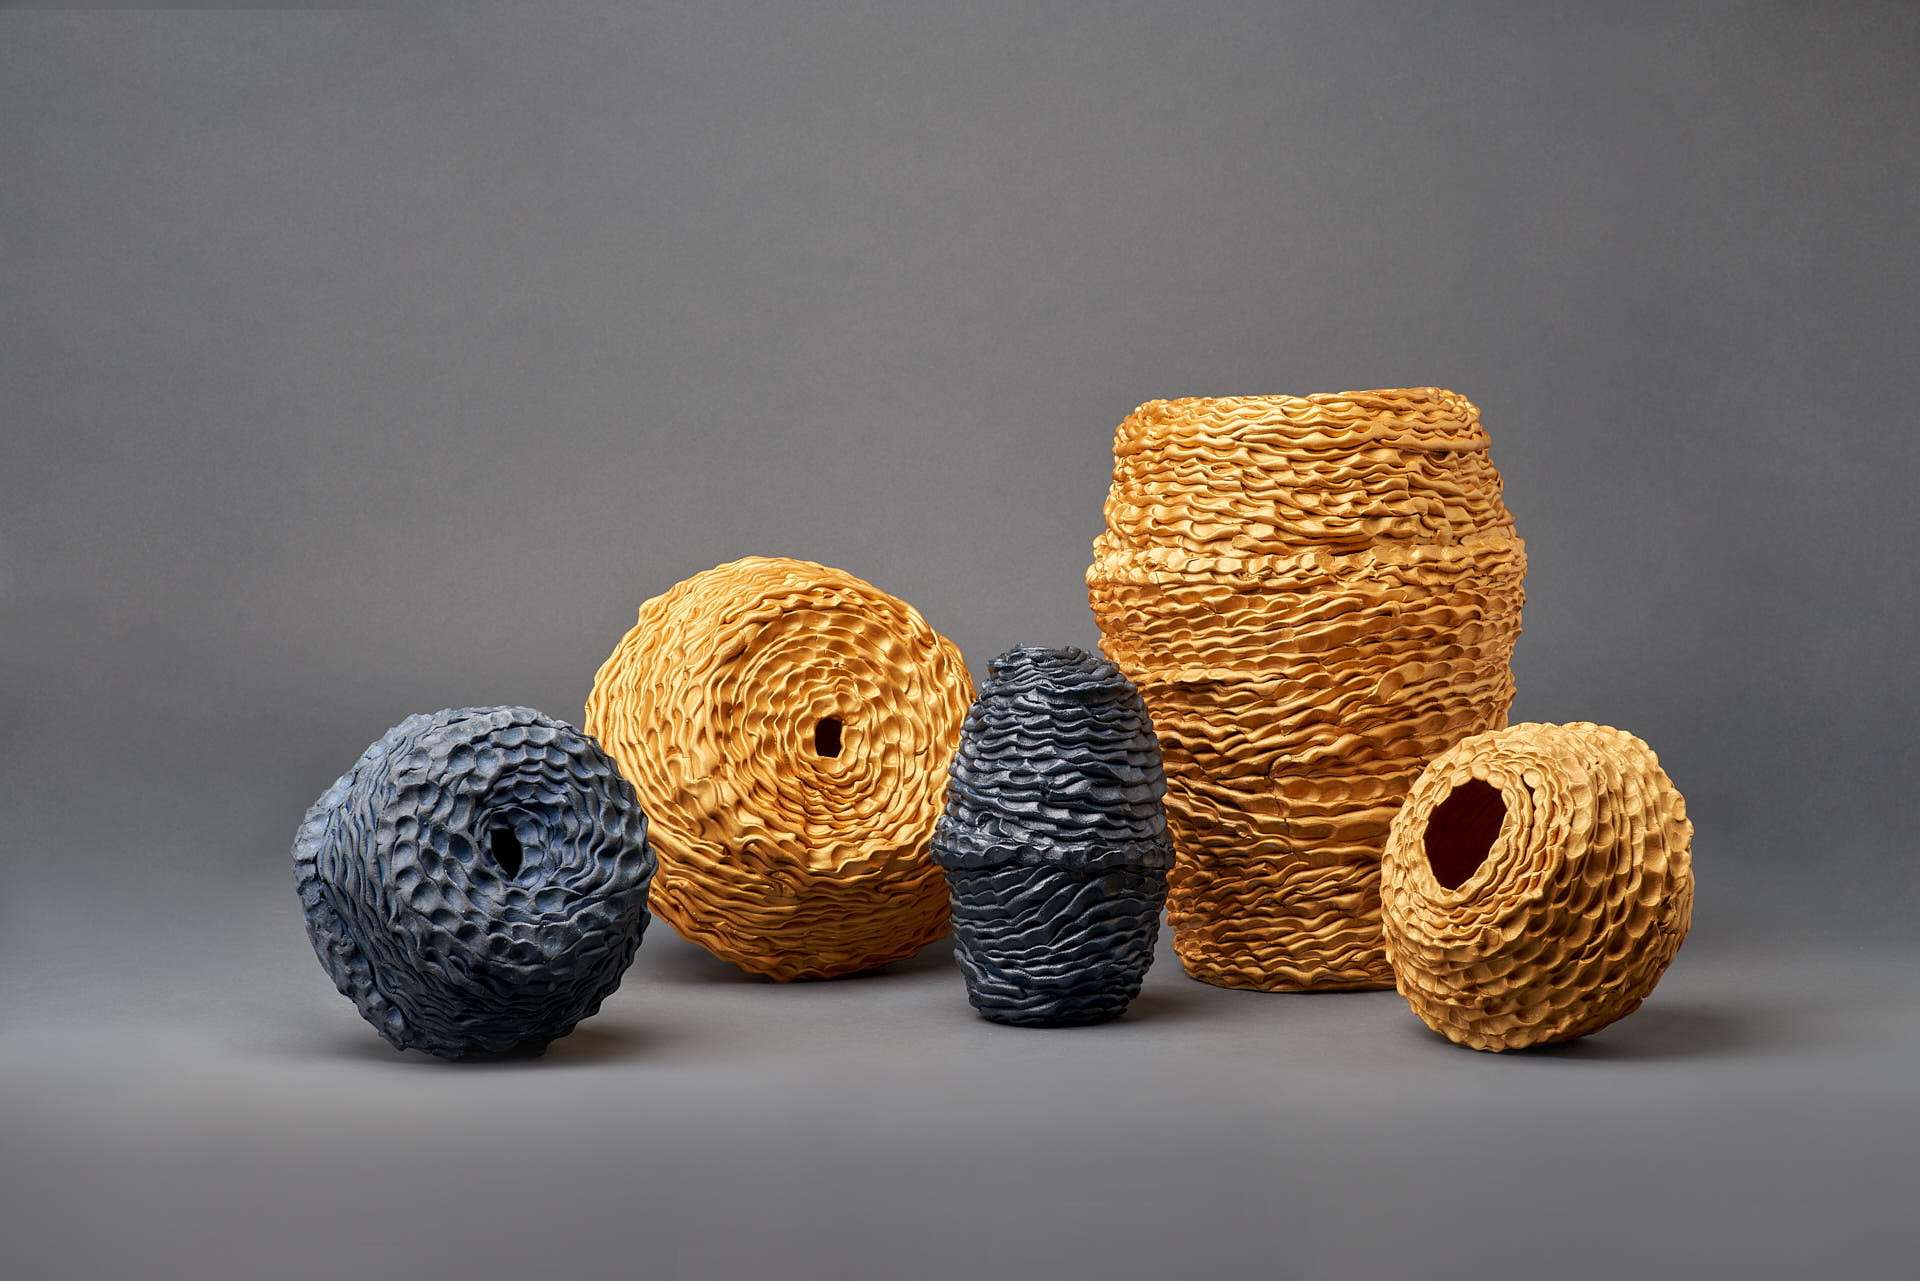 Sam Gold, Stillness votive vessel series, 2020, Gold onglaze,cobalt oxide, porcelain and stoneware